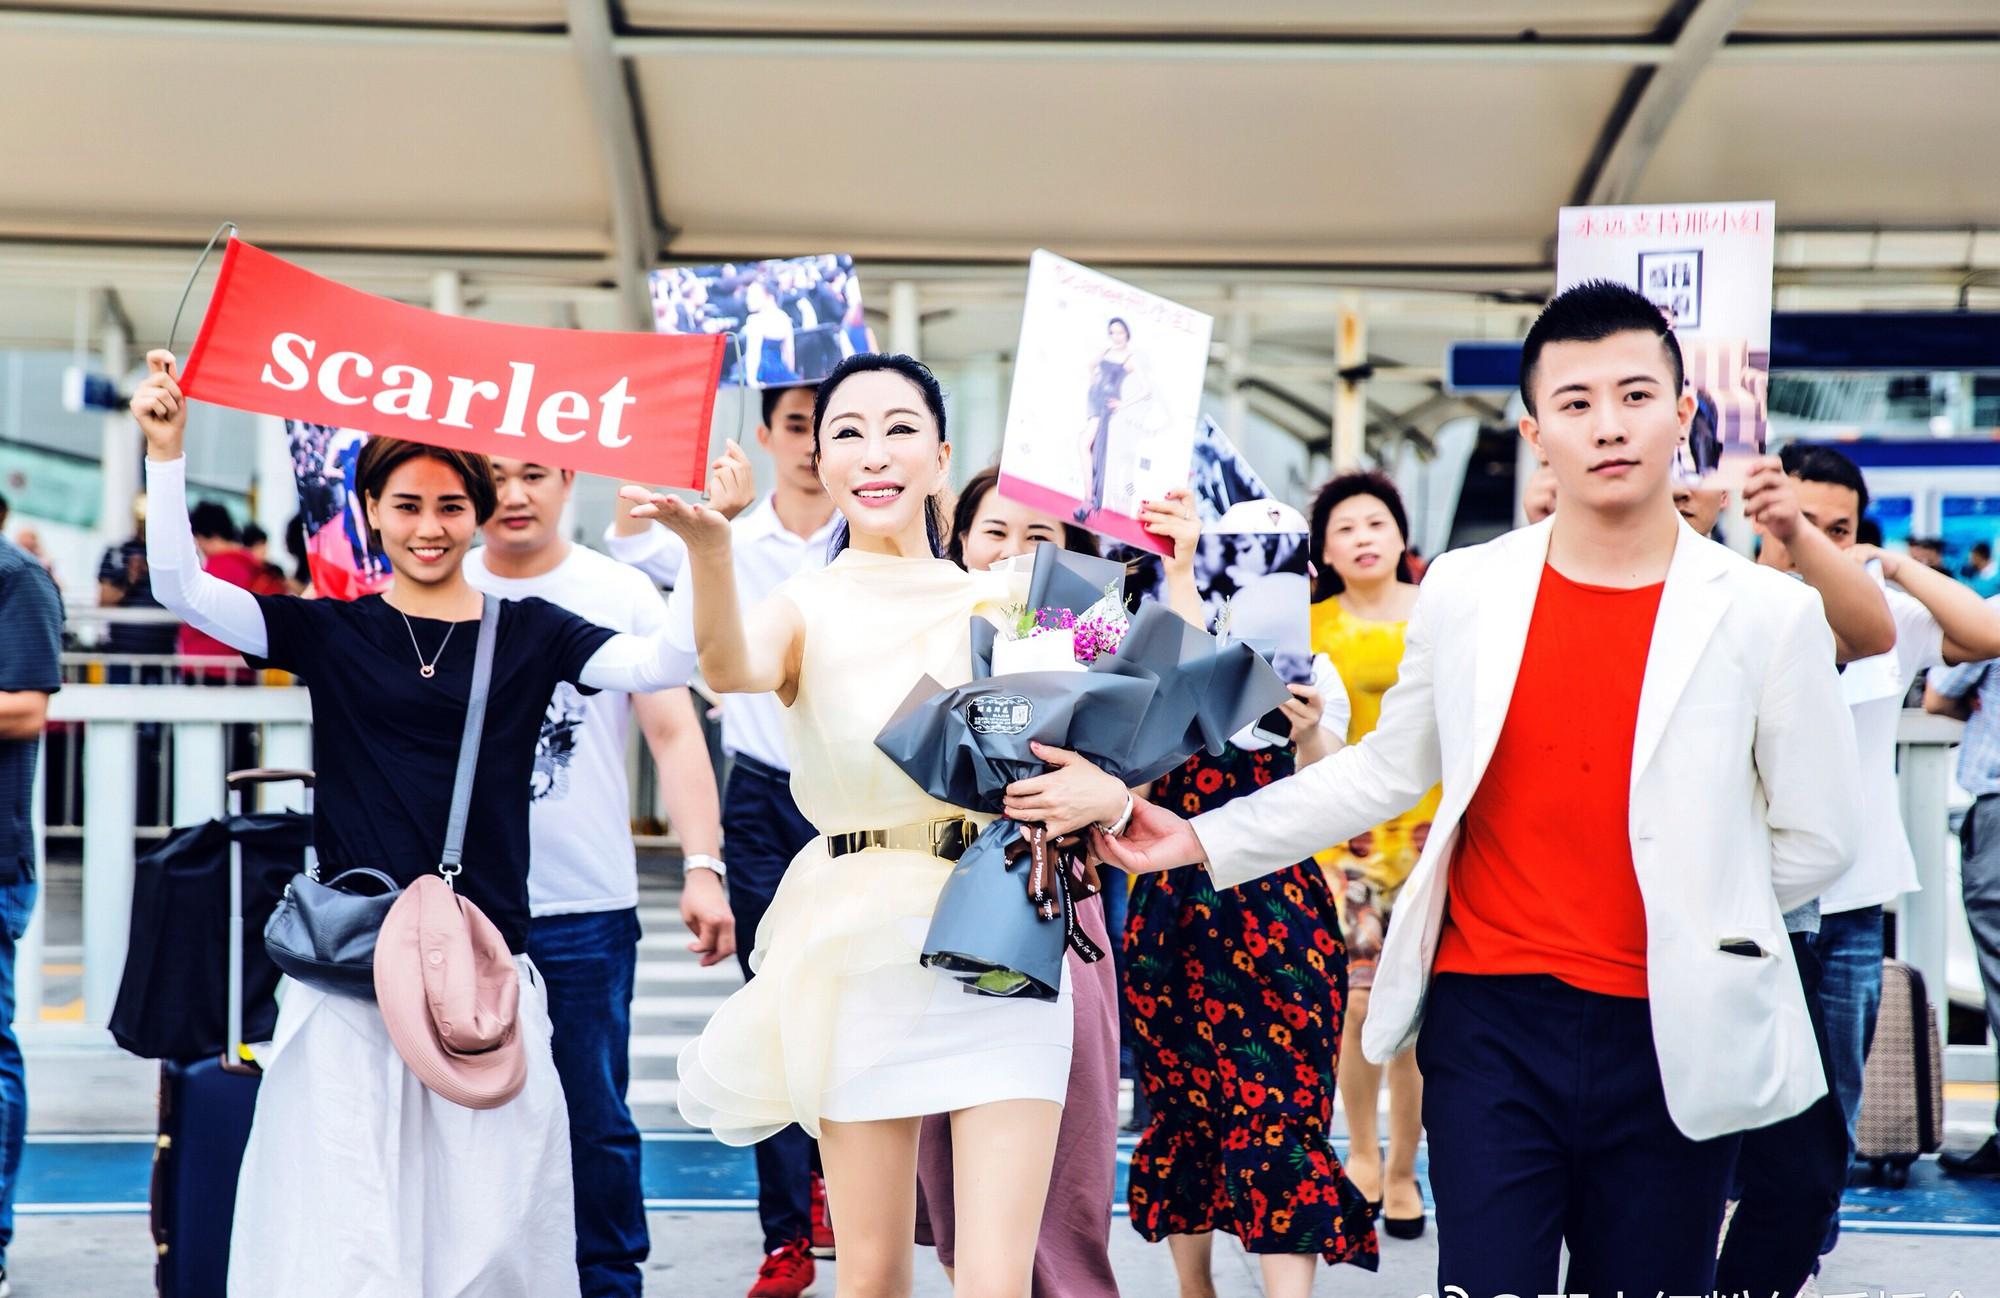 Hoa hậu Trung Quốc cố tình ngã trào ngực tại Cannes được chào đón không kém gì Phạm Băng Băng - Ảnh 4.